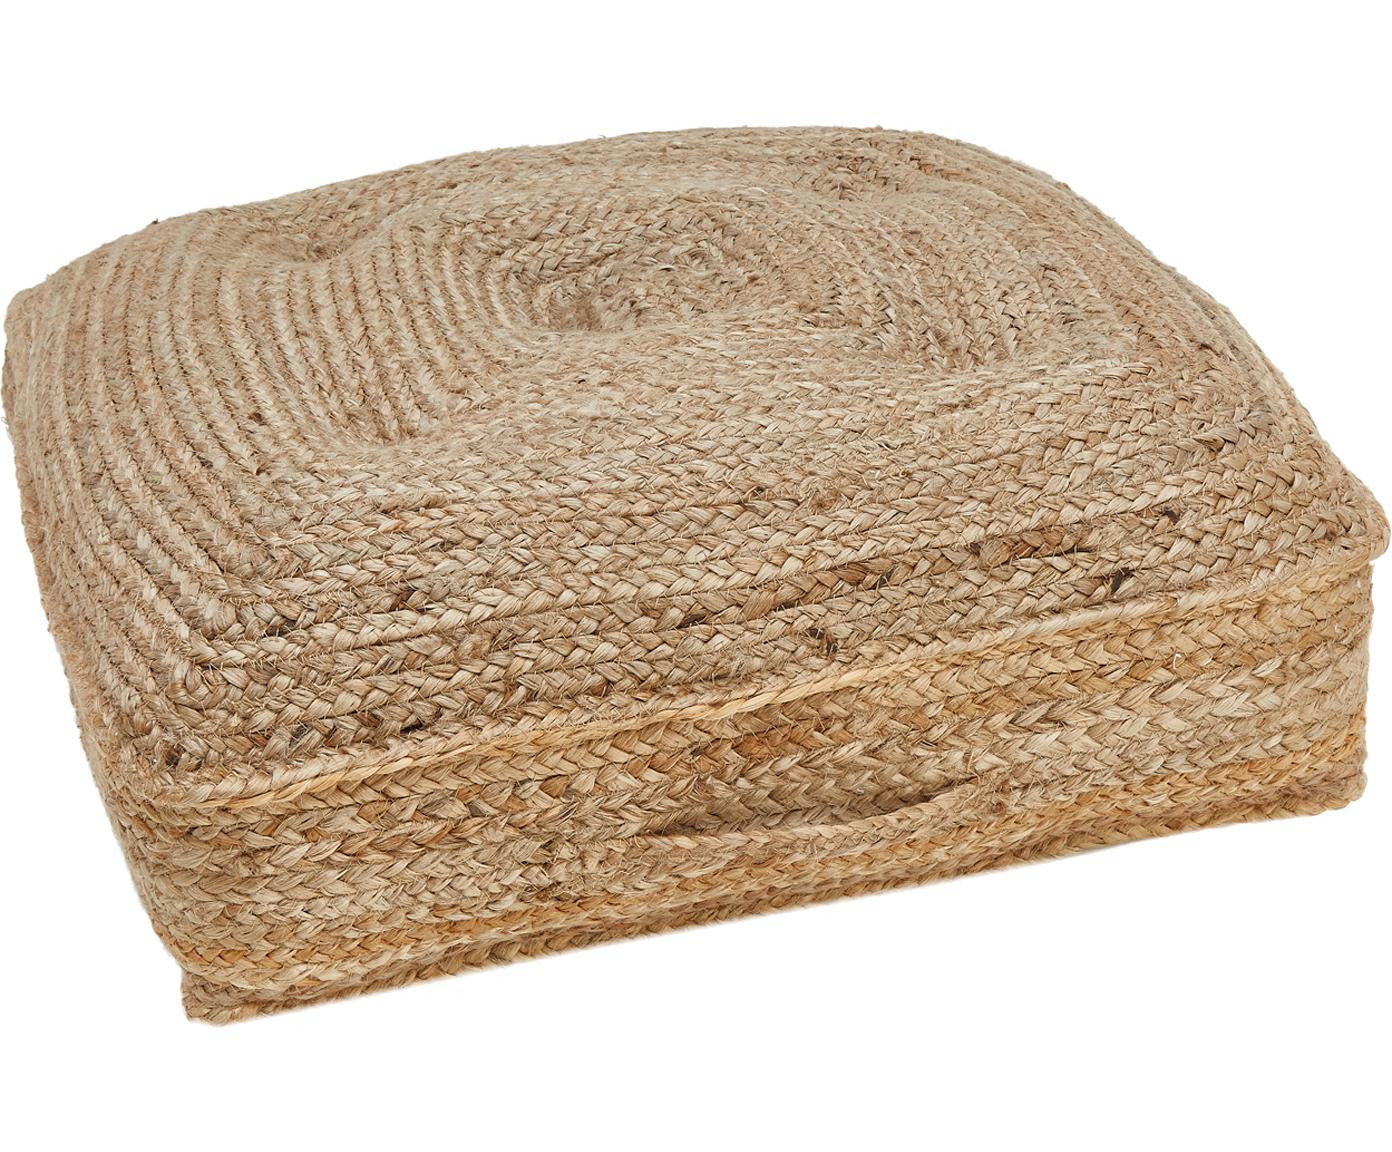 Jute-Bodenkissen Ural, Vorderseite: Jute, Rückseite: Baumwolle, Jute, 60 x 13 cm